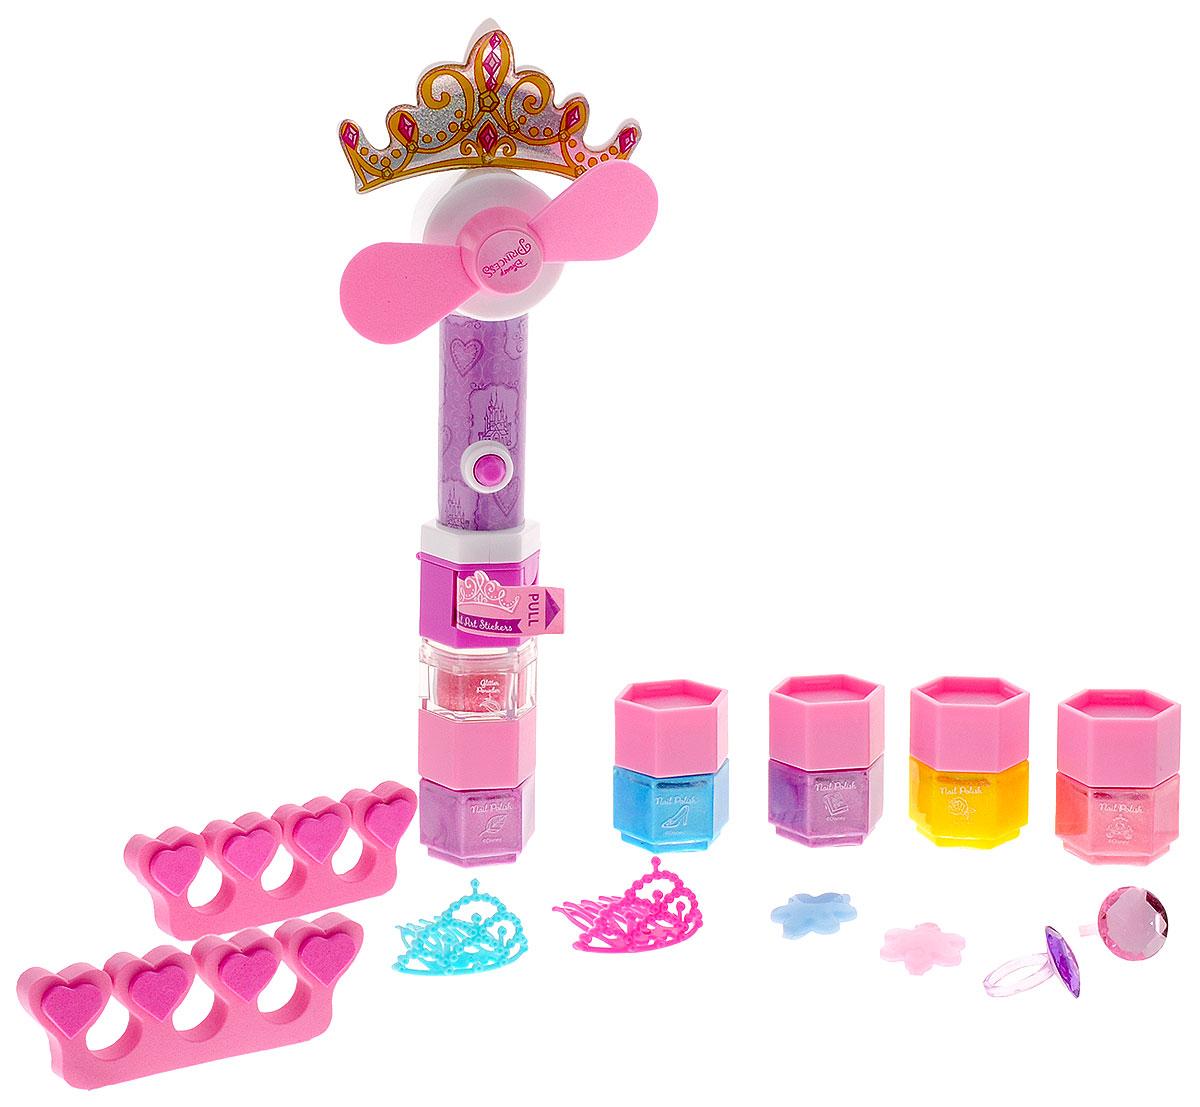 Markwins Игровой набор детской декоративной косметики для ногтей Disney Princess9604151_2Игровой набор детской декоративной косметики Markwins Disney Princess - отличный подарок для каждой девочки! С его помощью можно делать маникюр и педикюр, создавать собственные, эксклюзивные дизайны. Кроме того, в комплекте прилагается вентилятор, предназначенный для ускоренной сушки ногтей. Лаки на водной основе, они не вредят ногтевой кутикуле и легко смываются. Детская косметика Markwins создана с соблюдением самых высоких европейских стандартов безопасности. Продукция не содержит парабенов, пальмового масла. Несмотря на высокое качество продукции, ее общую гипоаллергенность, производитель рекомендует проверить индивидуальную реакцию на косметику перед ее использованием. Просто нанесите на кожу немного косметики и подержите 30-60 минут. Если на коже появится покраснение, следует прекратить использование продукции. Эта аллергическая реакция проявляется очень редко и зависит от индивидуальных особенностей организма.